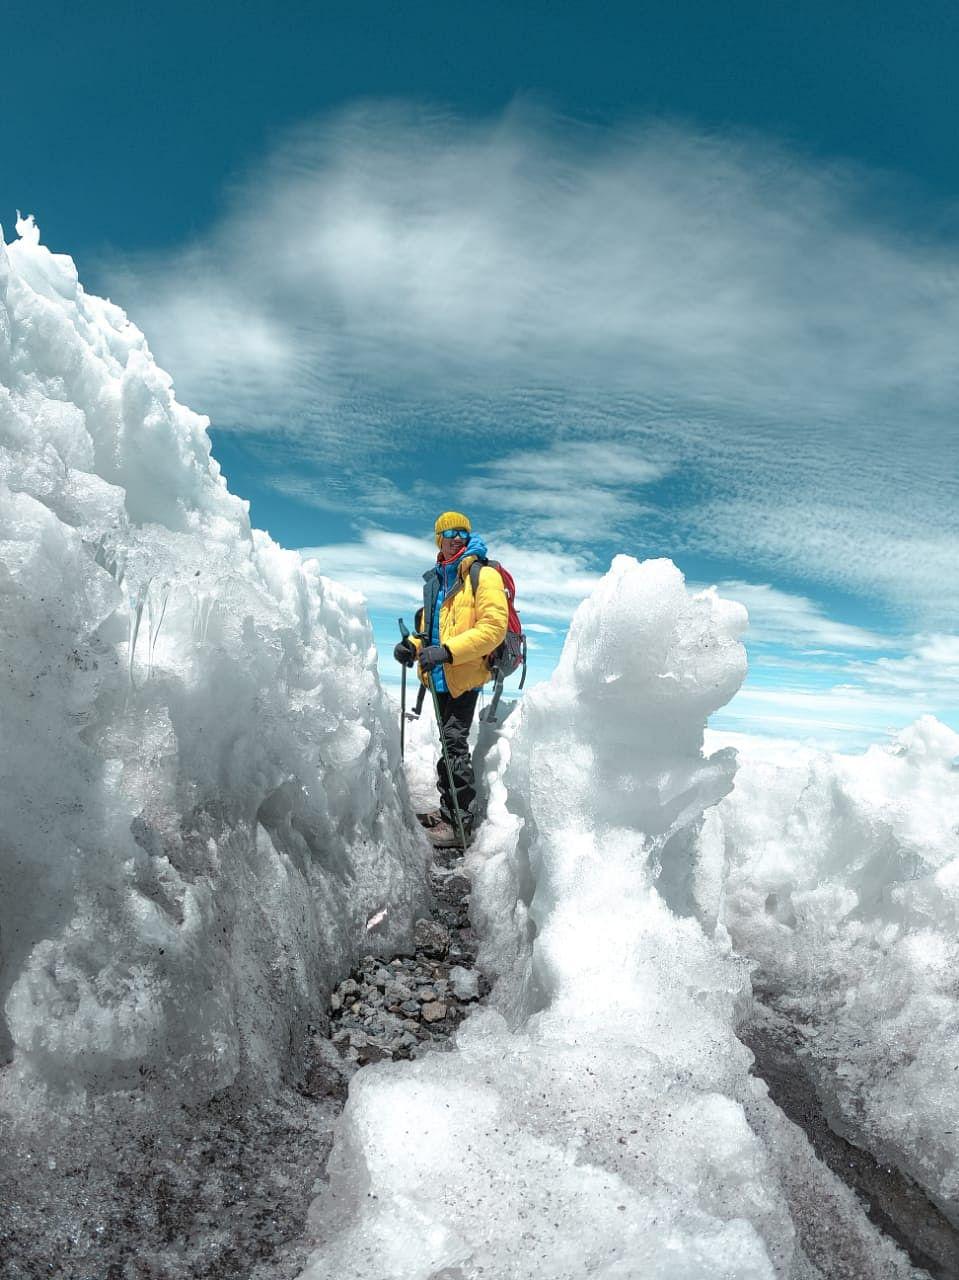 पर्वतावर चढाईदरम्यान यश इंगोले